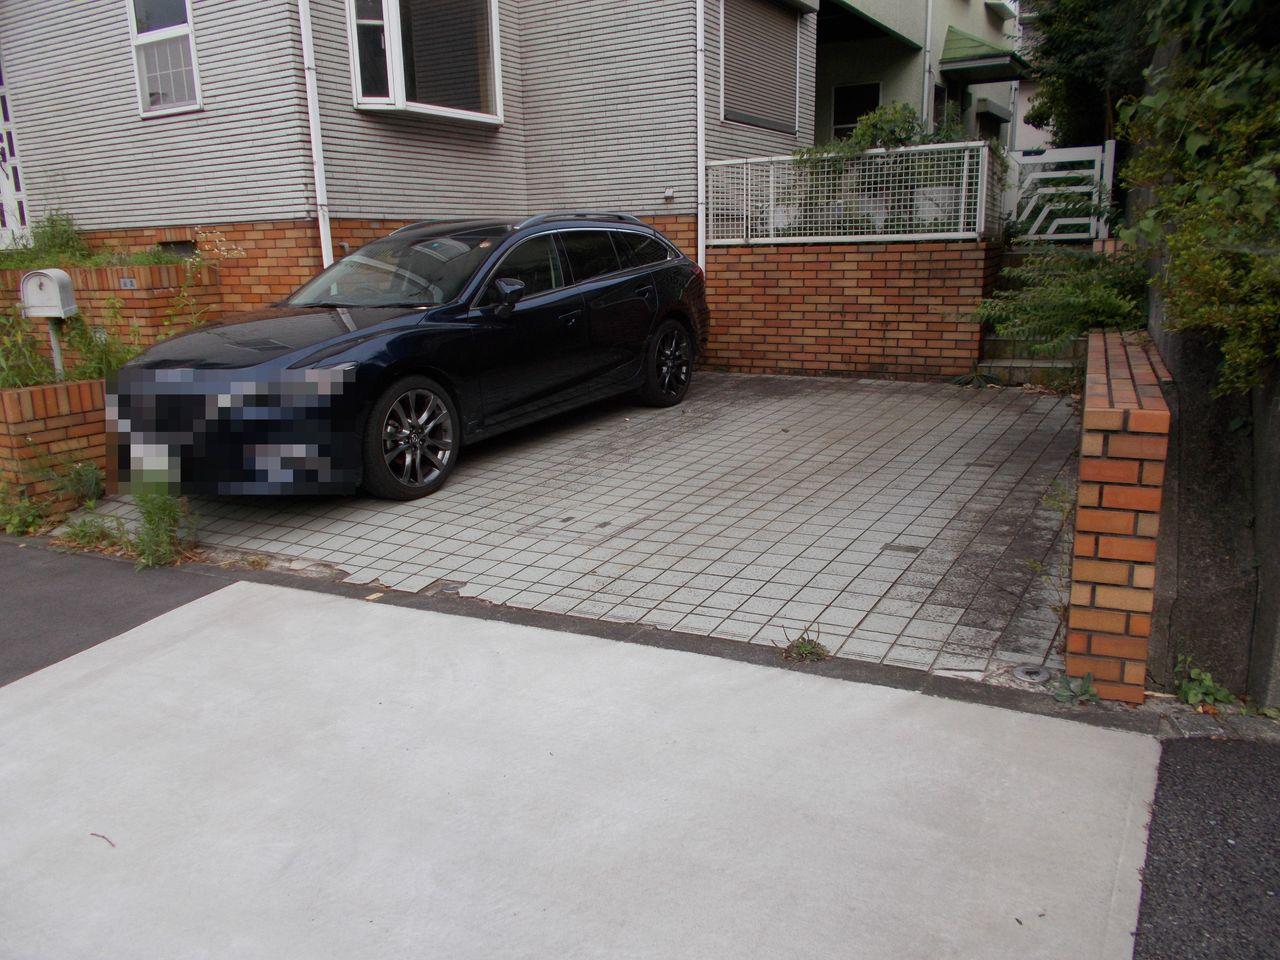 普通車2台駐車可能